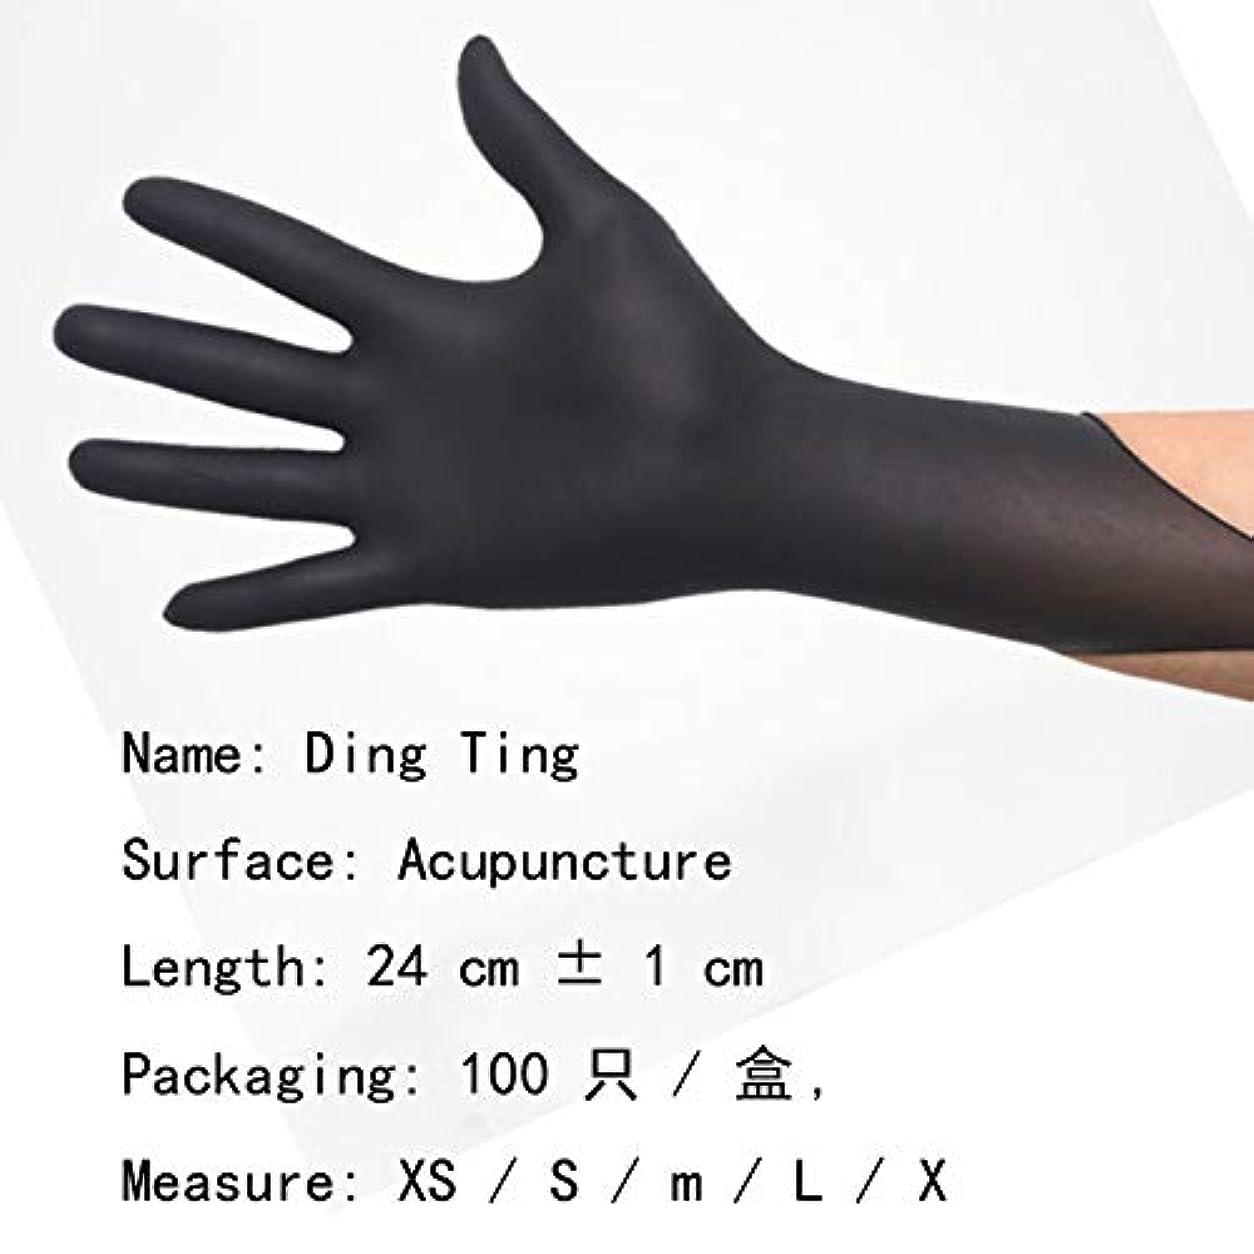 旅客緊急荒涼としたニトリル手袋黒ニトリル4ミル厚使い捨て手袋×ラージケース100試験医療用ラテックスフリーブラックM-L食品、工業用、クリーニング (Size : L)